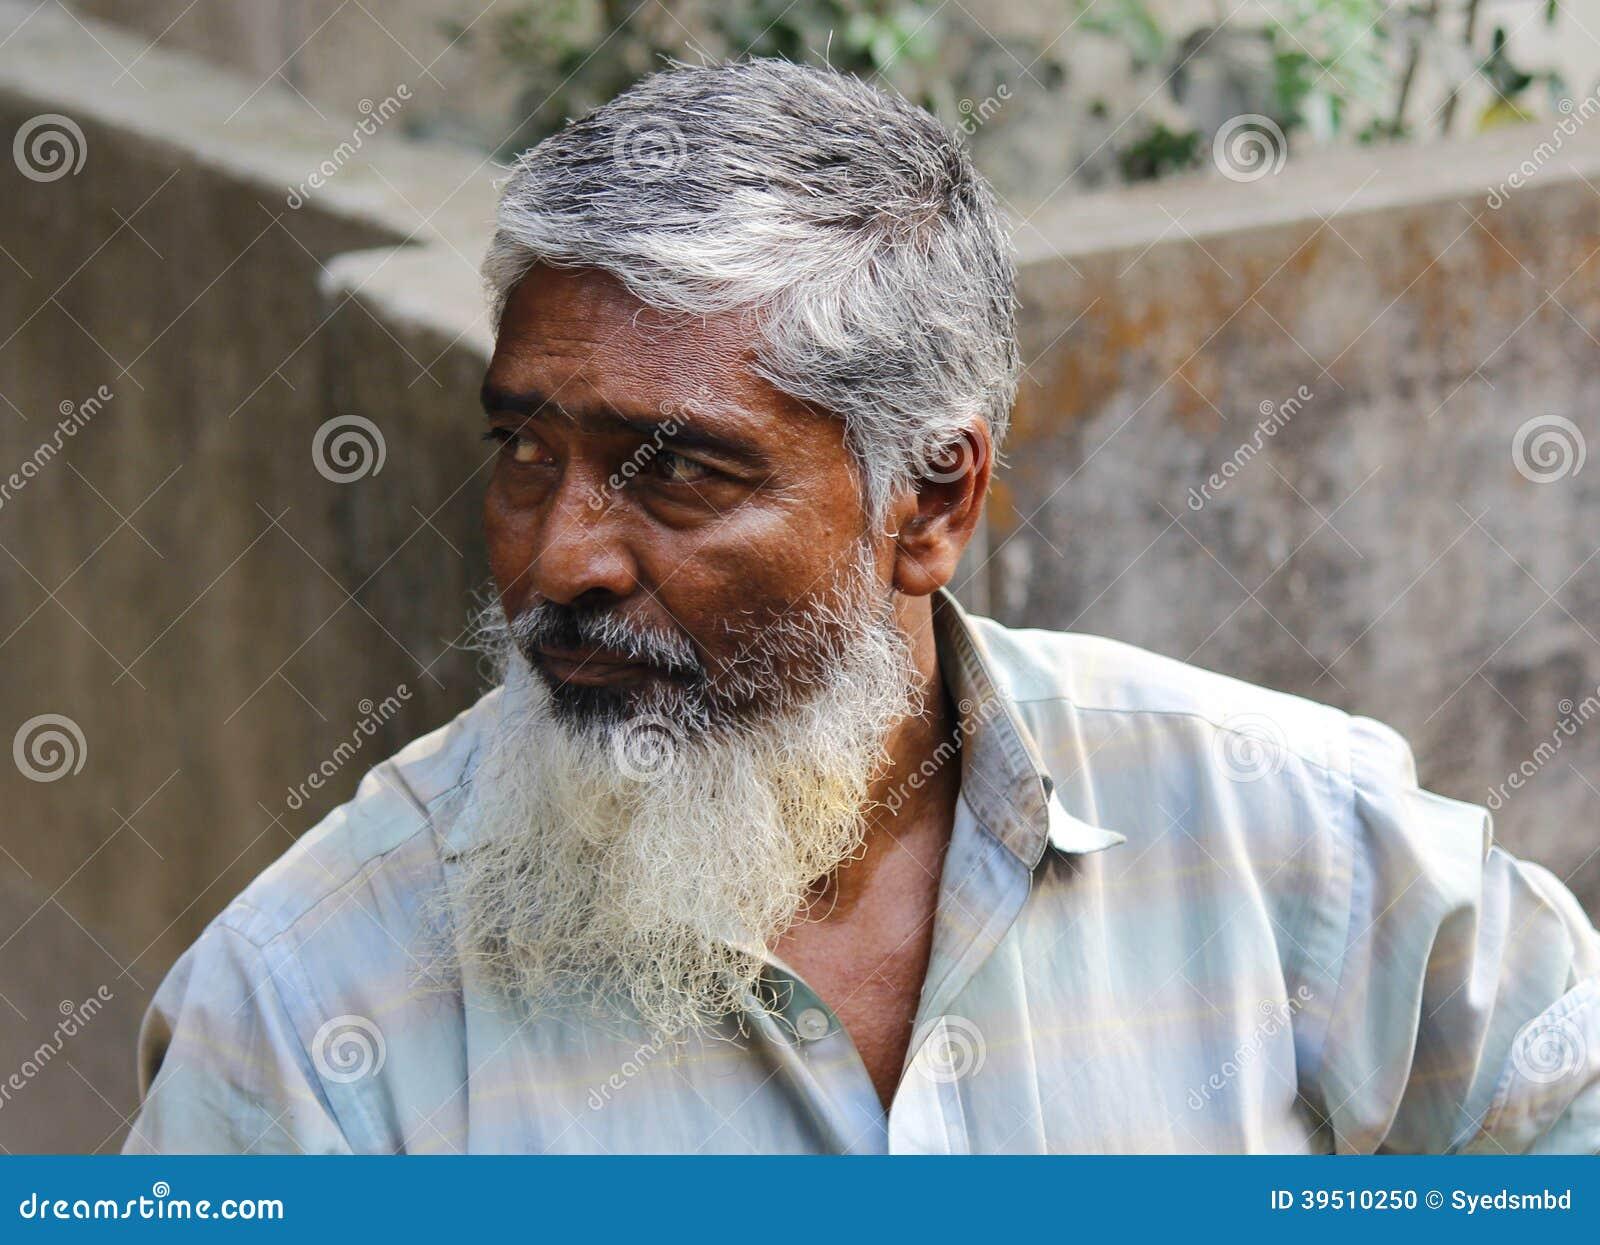 Bangladeshi old man